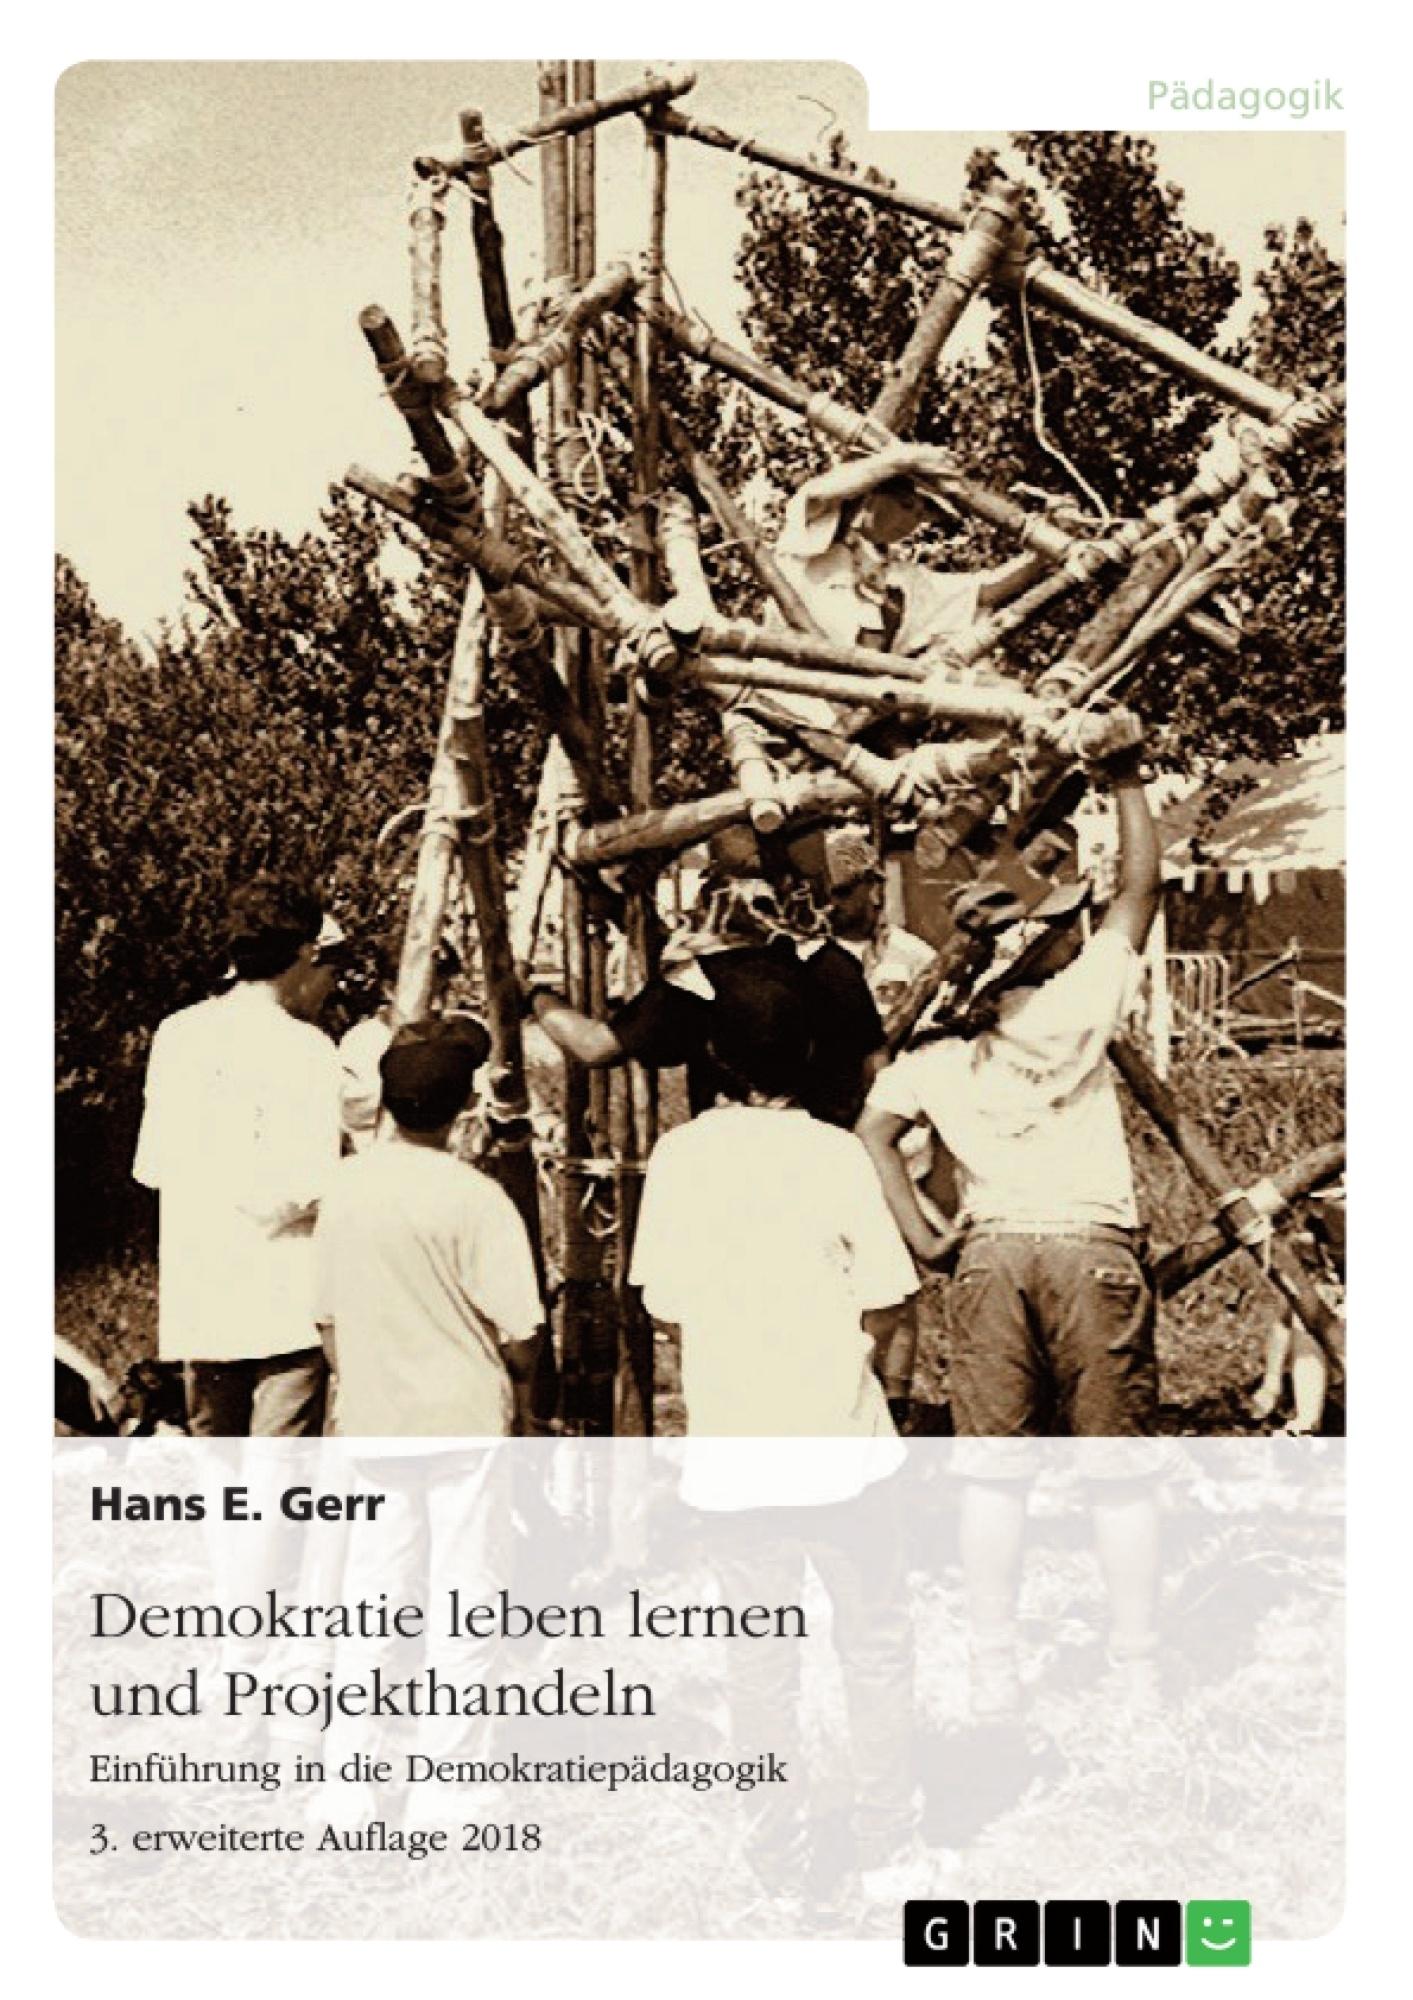 Titel: Demokratie leben lernen und Projekthandeln. Einführung in die Demokratiepädagogik